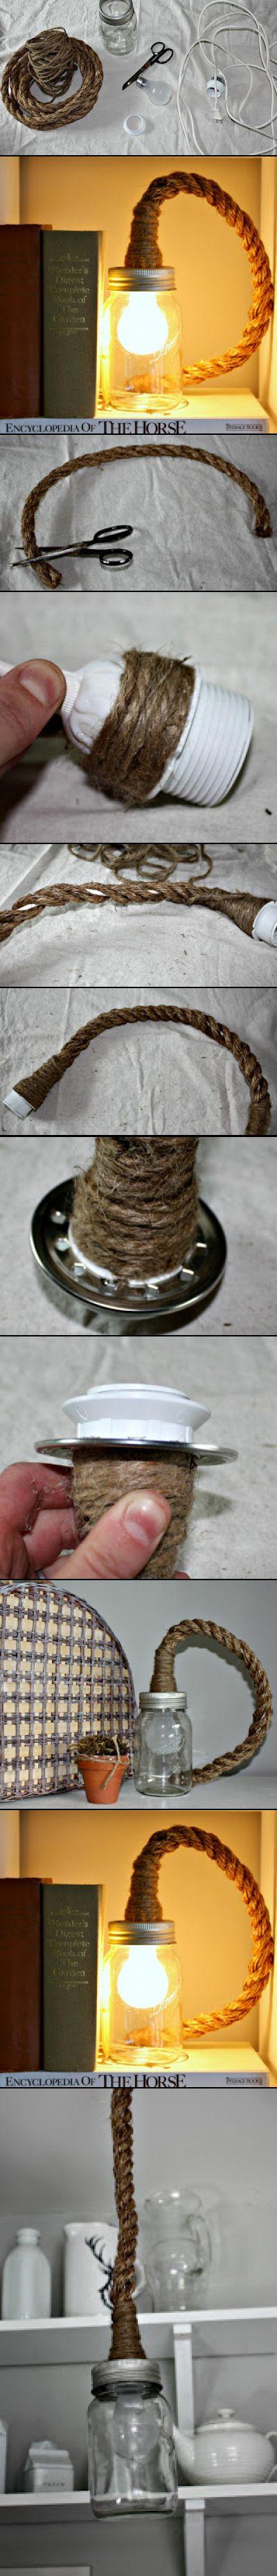 Habiller un fil électrique dans une corde de chanvre